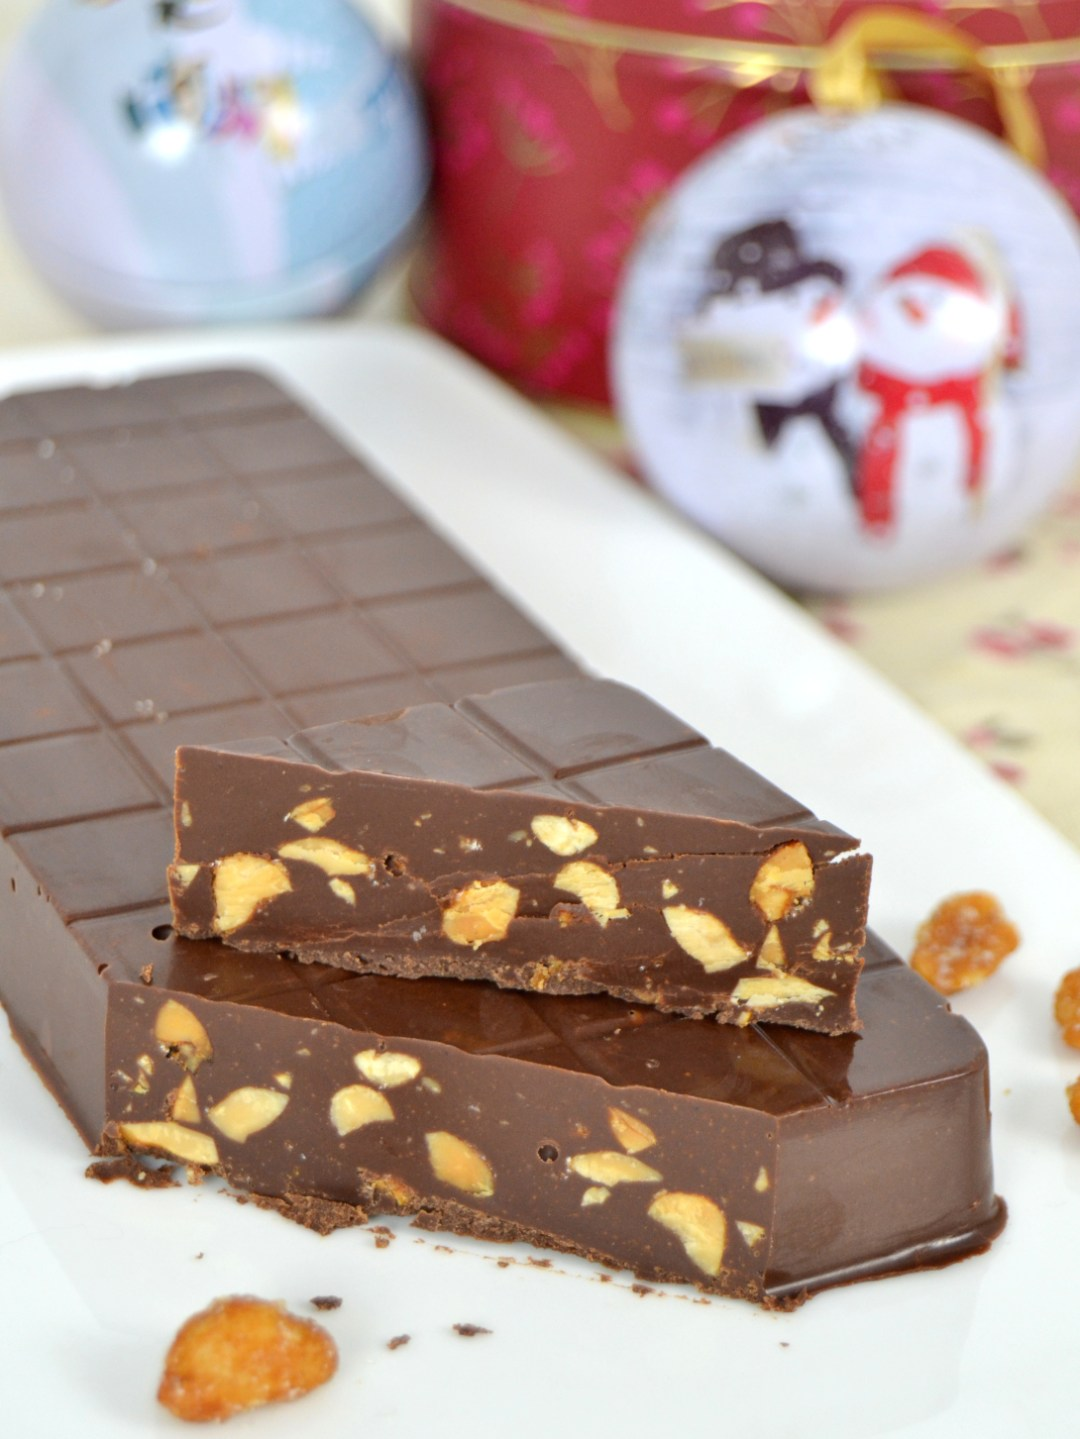 Turrón de chocolate con cacahuetes salados a la miel